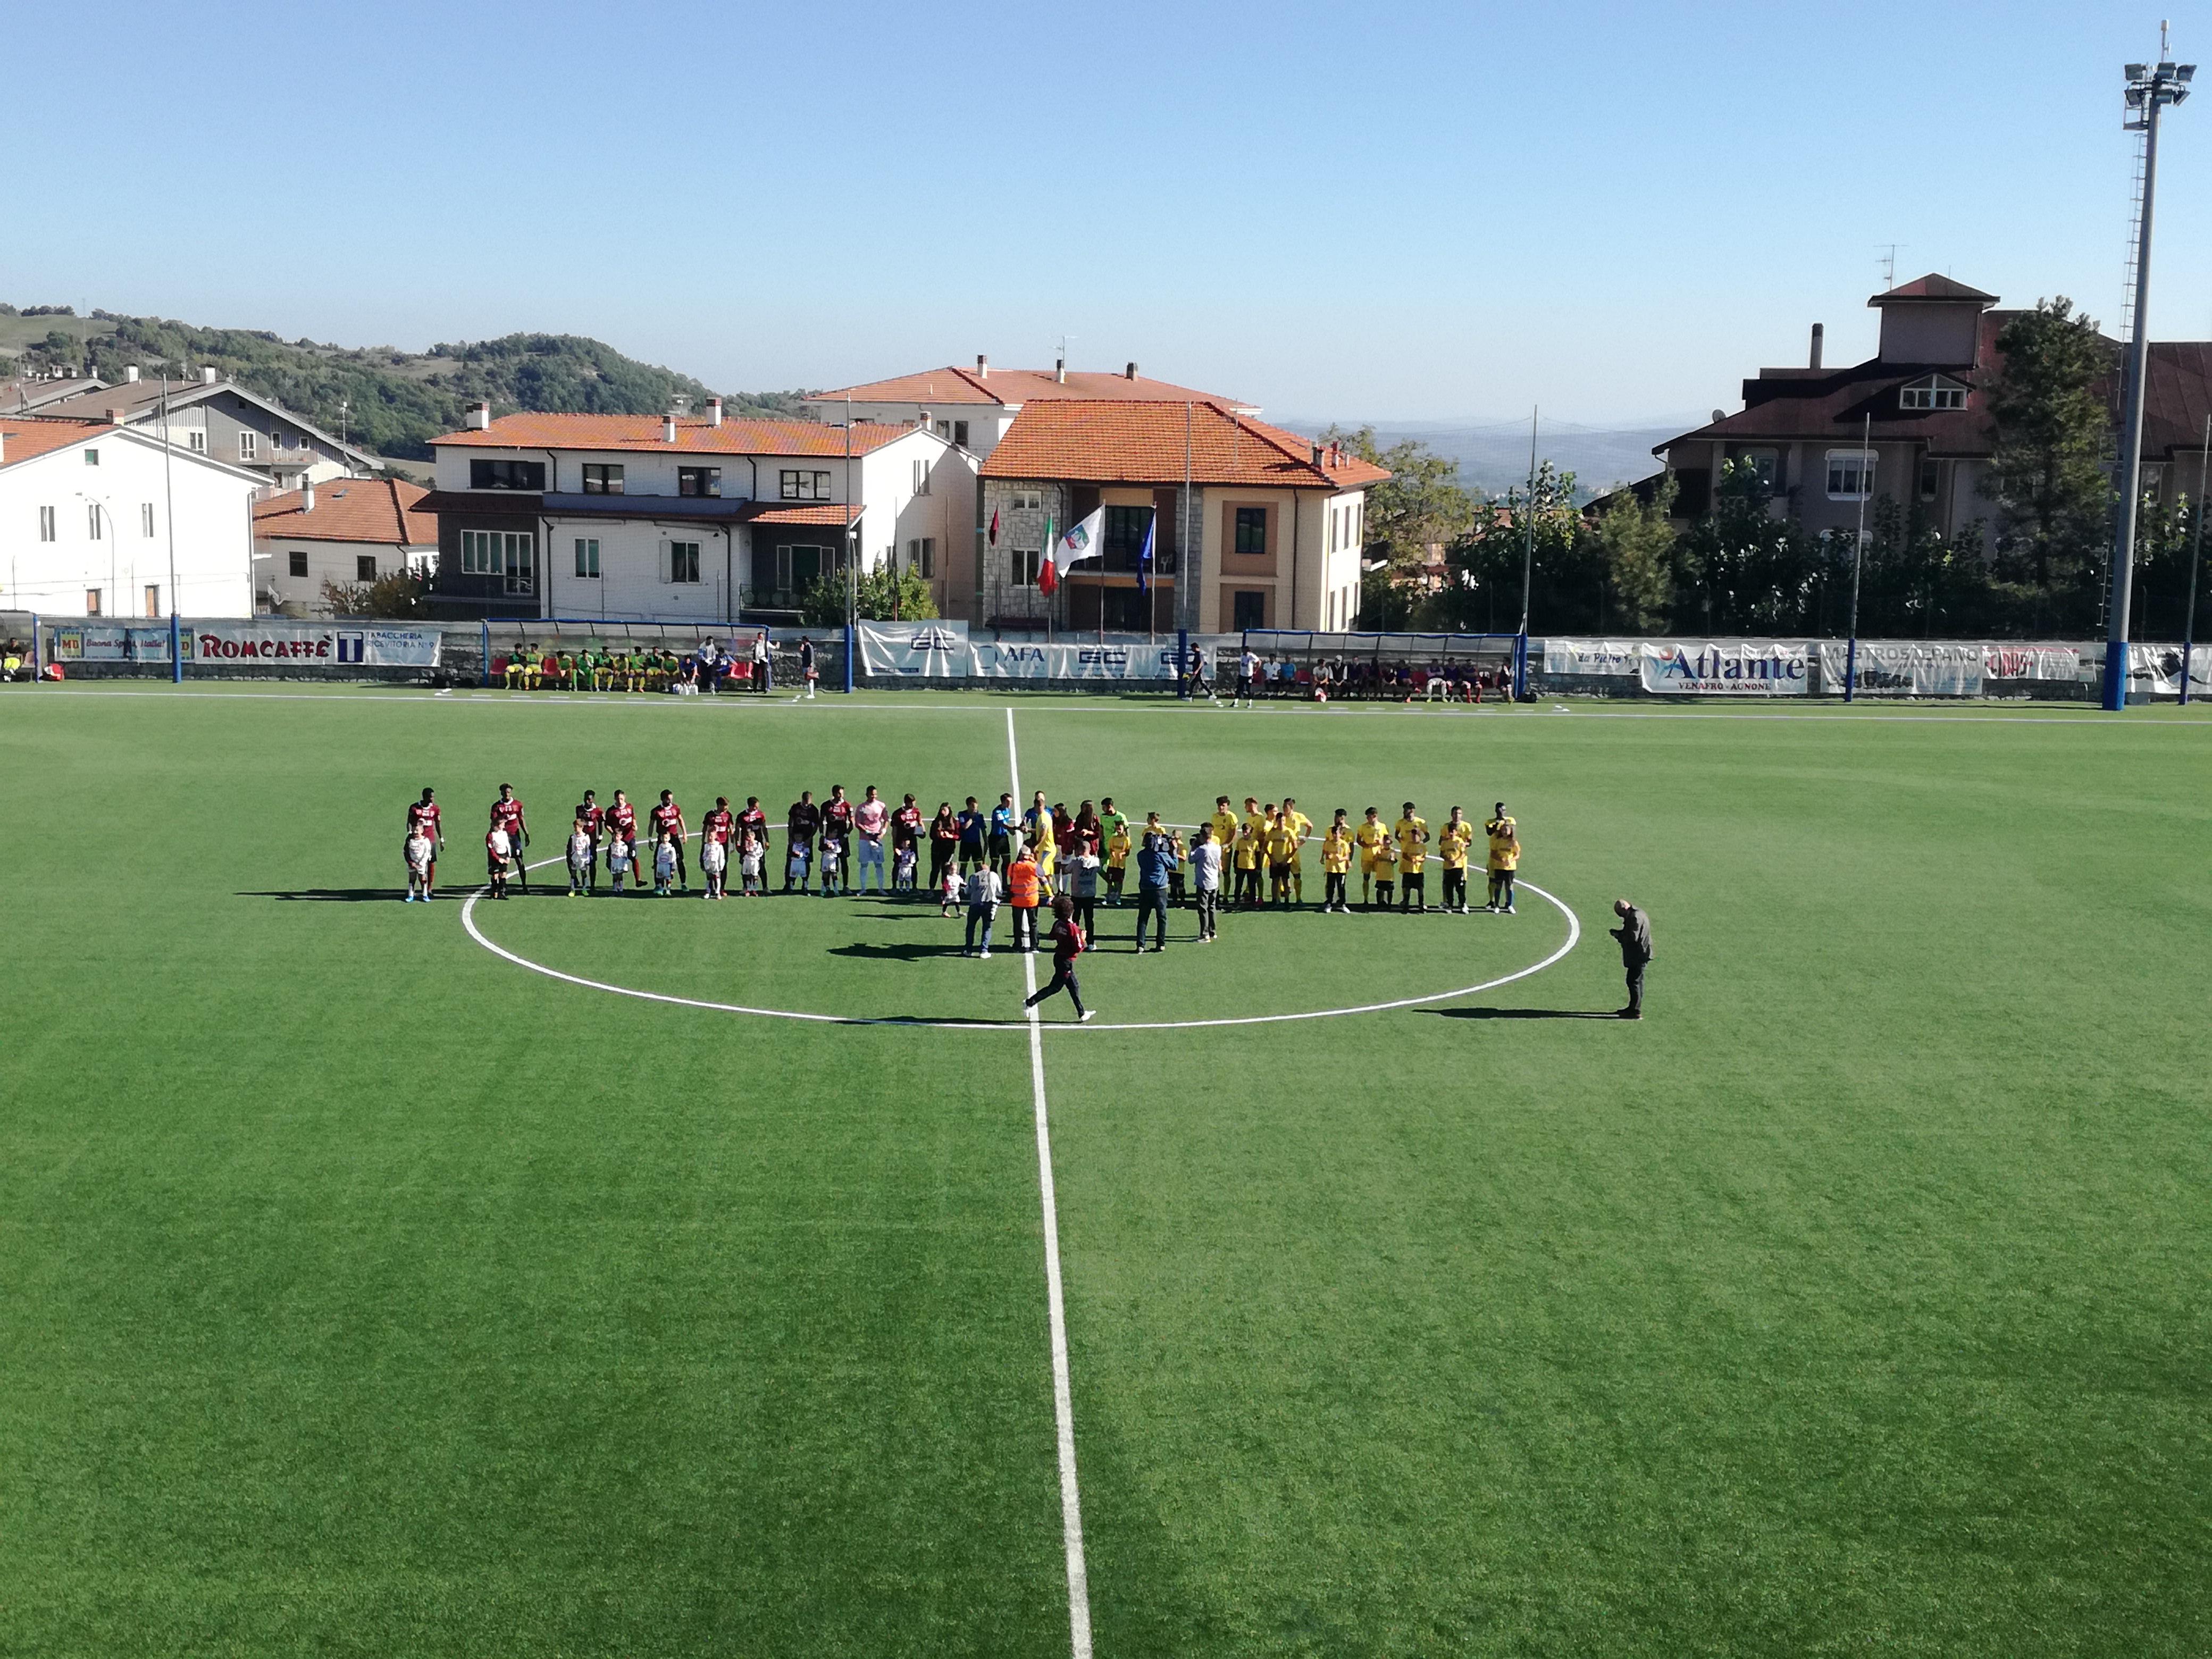 Serie D Girone F: Vastogirardi-Agnonese 1-2 , Viscovich impone la prima sconfitta a mister Farina